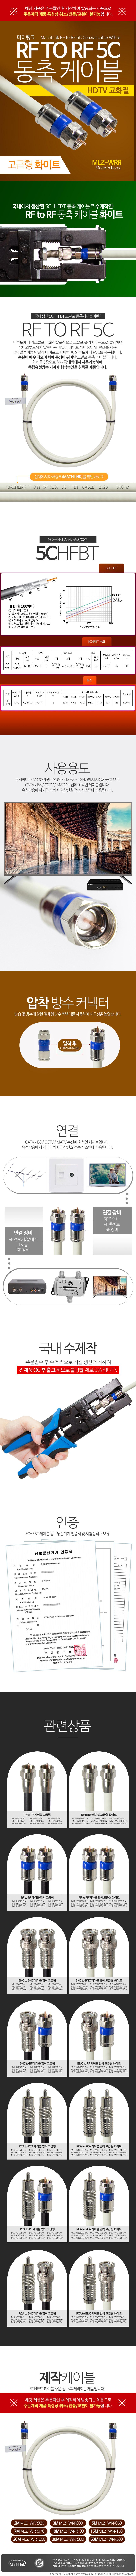 마하링크 RF to RF 5C 동축 케이블 고급형 화이트 (3m. MLZ-WRR030)